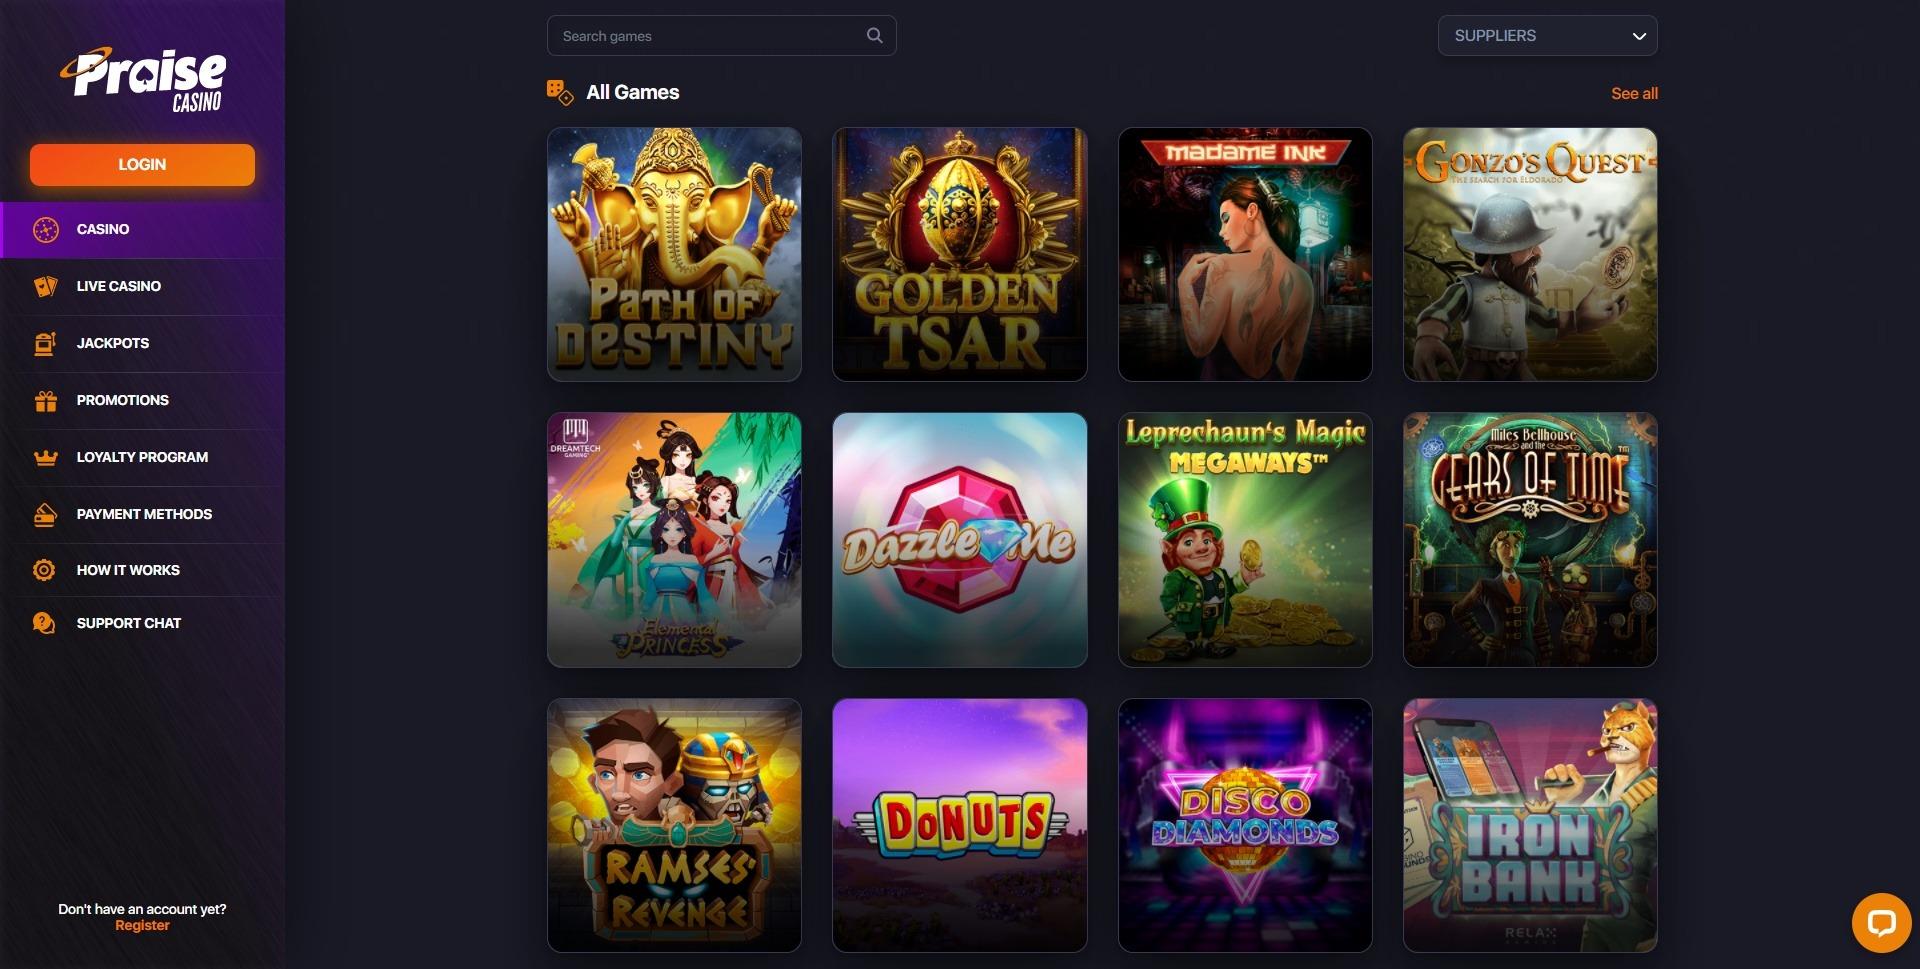 Praise Casino Games Canada